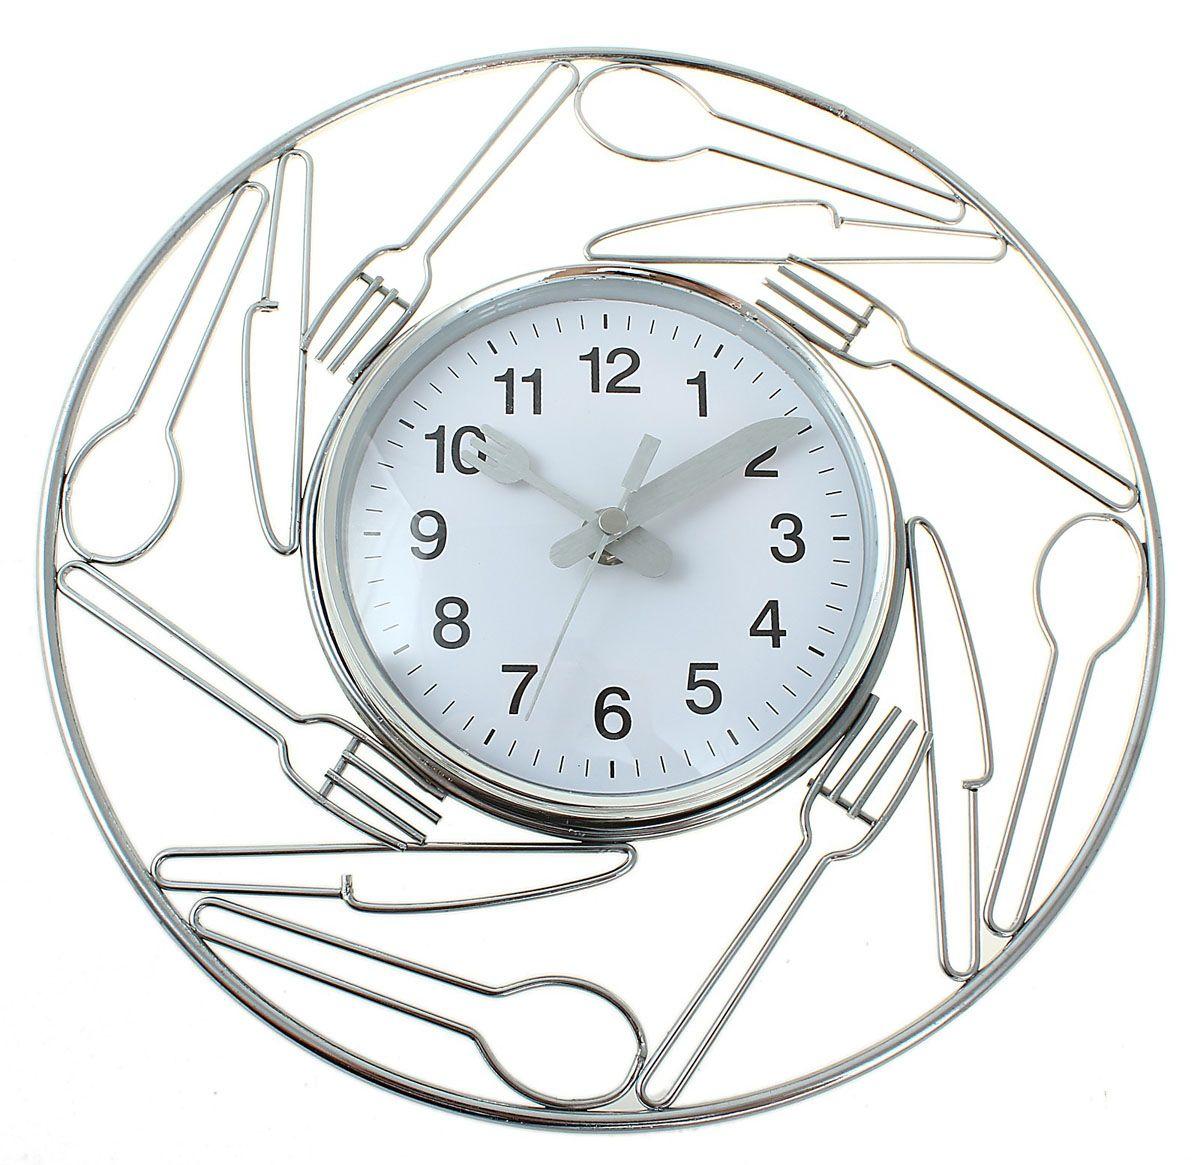 Kitchen Wall Clock Ideas: 24 Beautiful Kitchen Wall Clocks